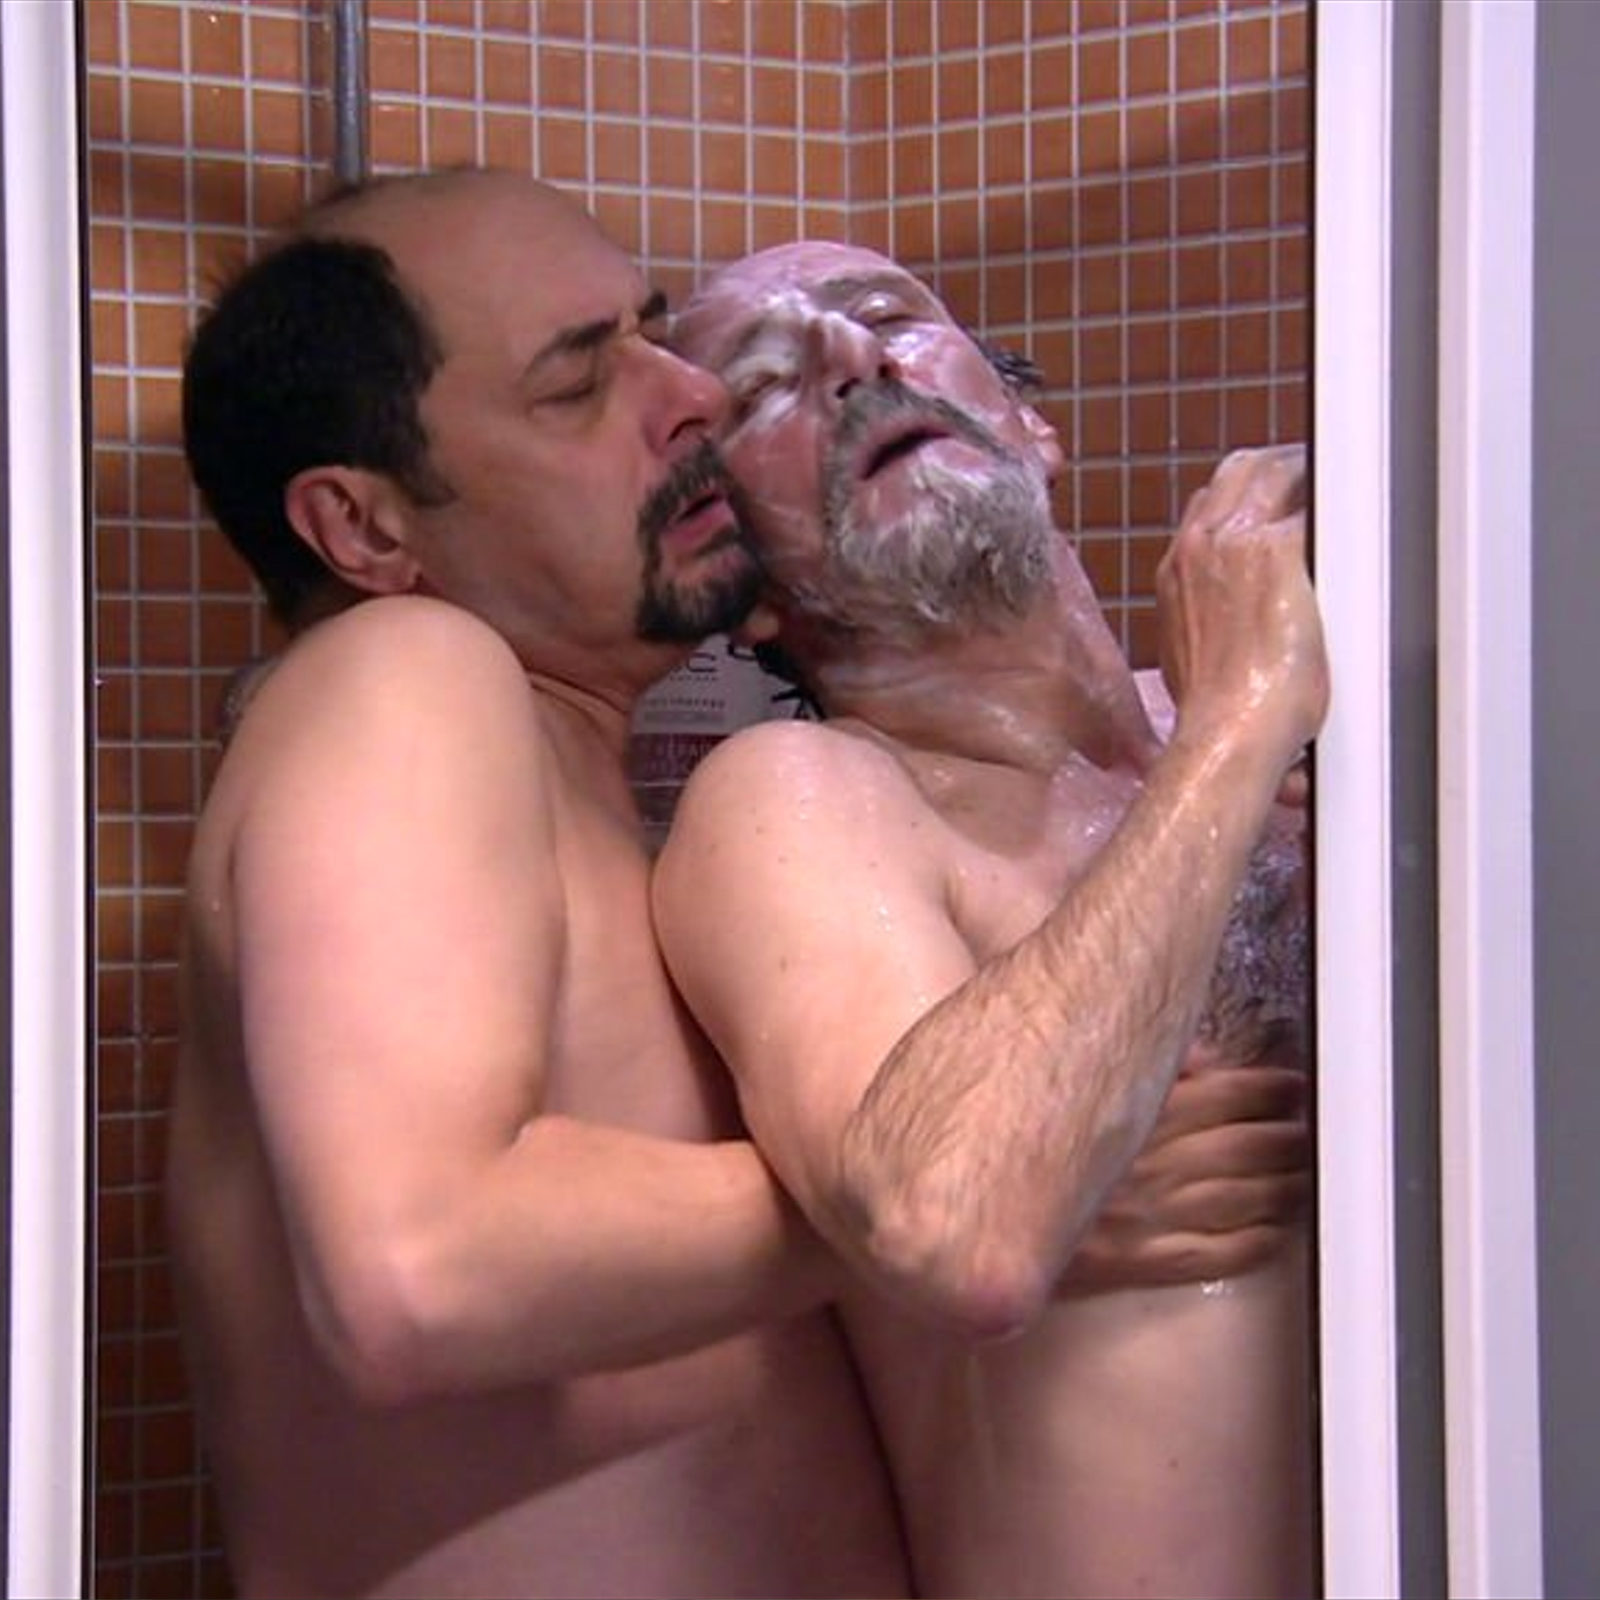 Actores La Que Se Avecina Porno la que se avecina' vuelve con una escena gay entre el recio